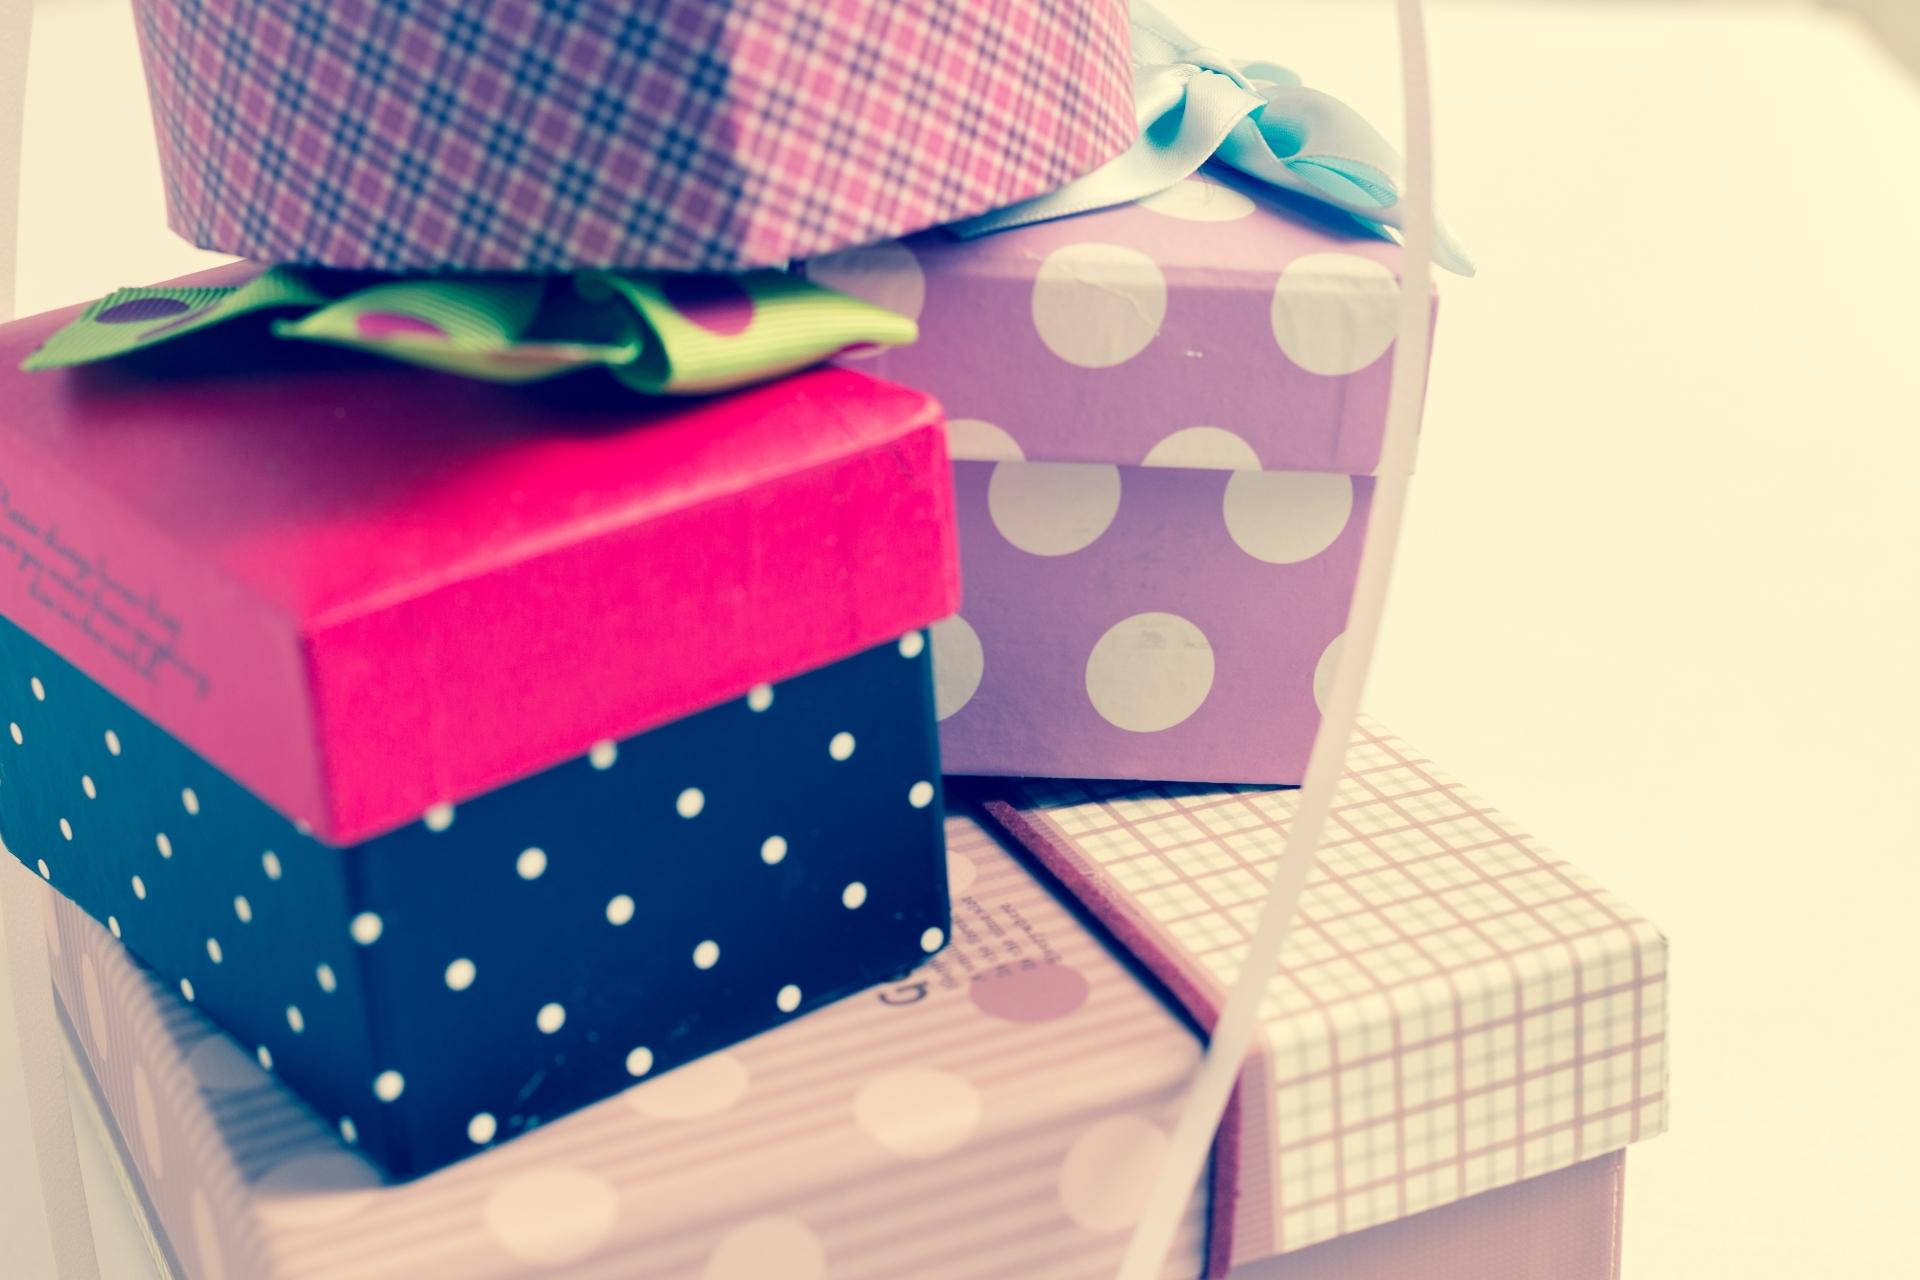 人にものを上げる心理とは?プレゼント好きな人に困った時の対処法。